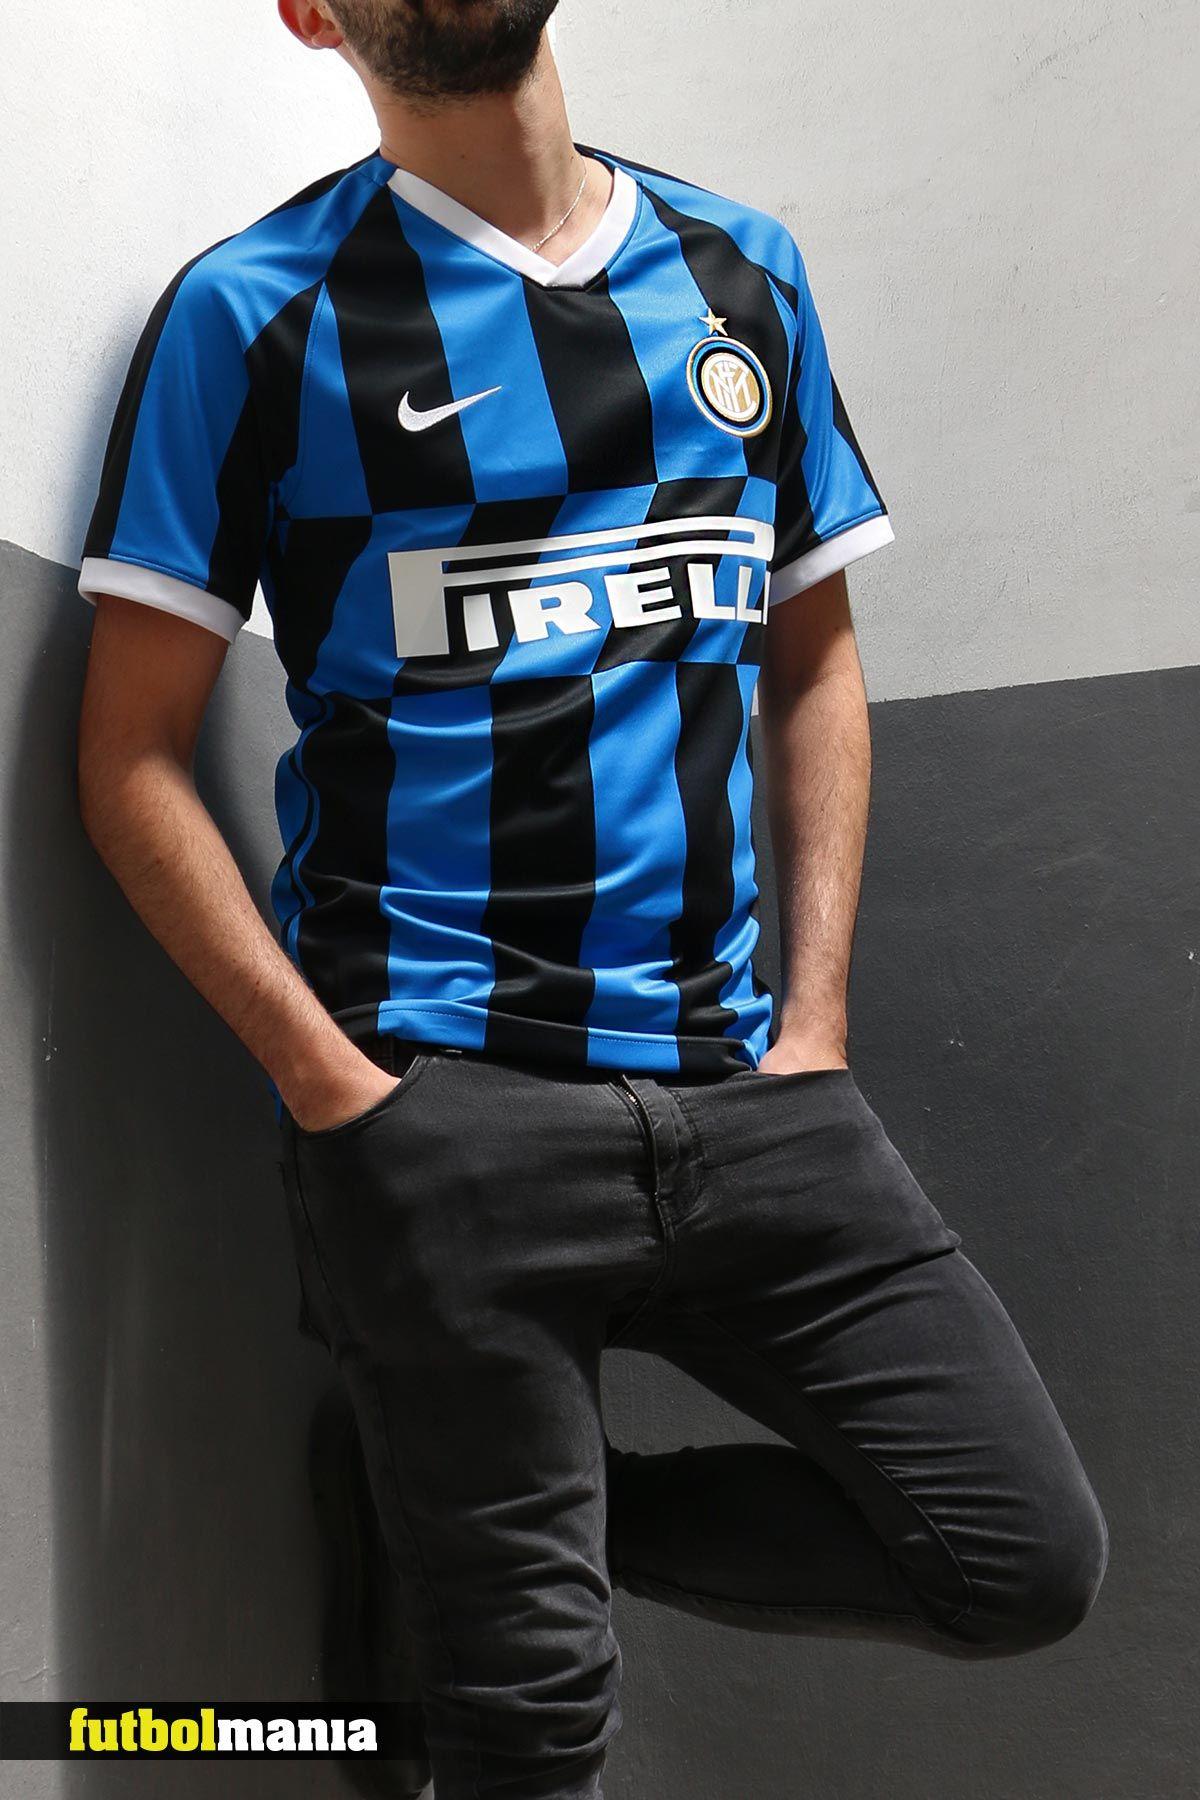 Camiseta Nike Inter 2019 2020 Stadium Camisetas Casacas De Futbol Camisetas De Fútbol